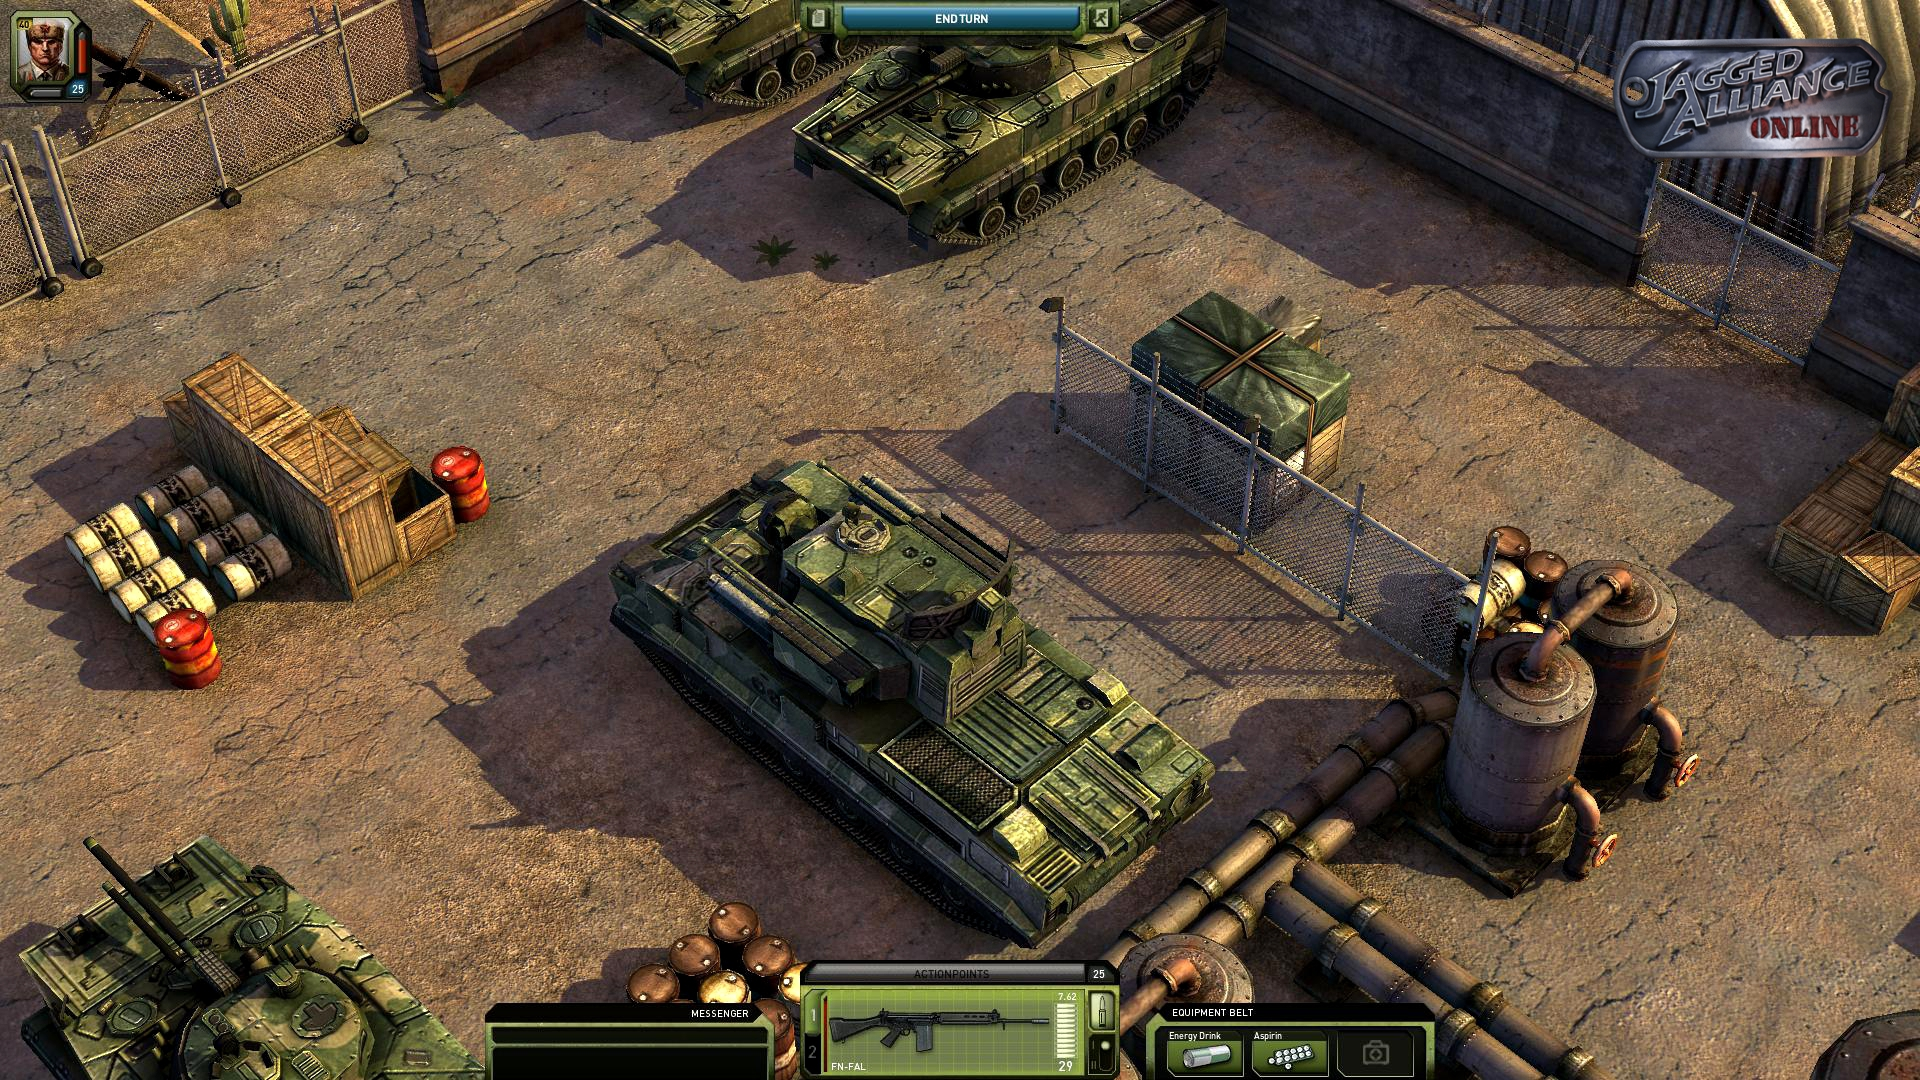 Klicke auf die Grafik für eine größere AnsichtName:05 JAO Shot Tanks.jpgHits:36Größe:1,32 MBID:5605